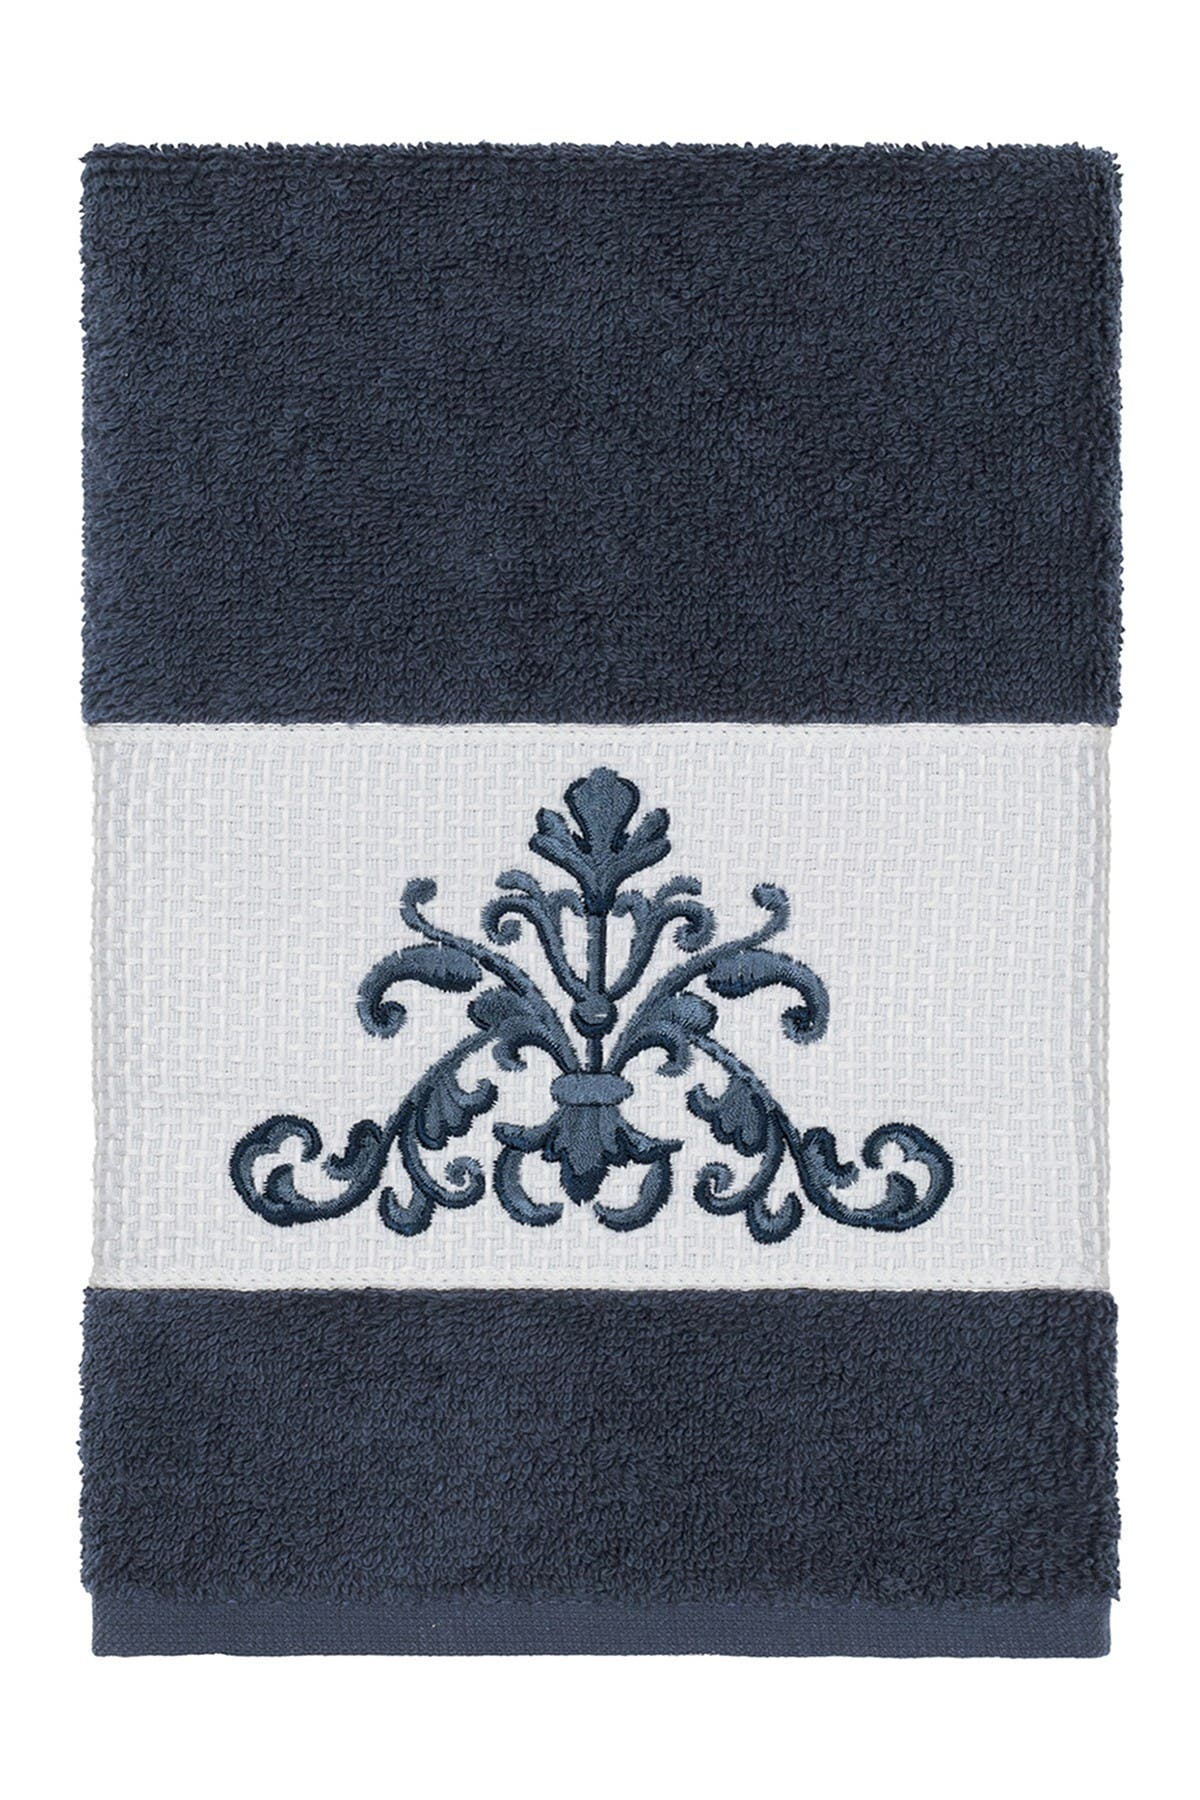 Image of LINUM HOME Scarlet Embellished Hand Towel - Midnight Blue